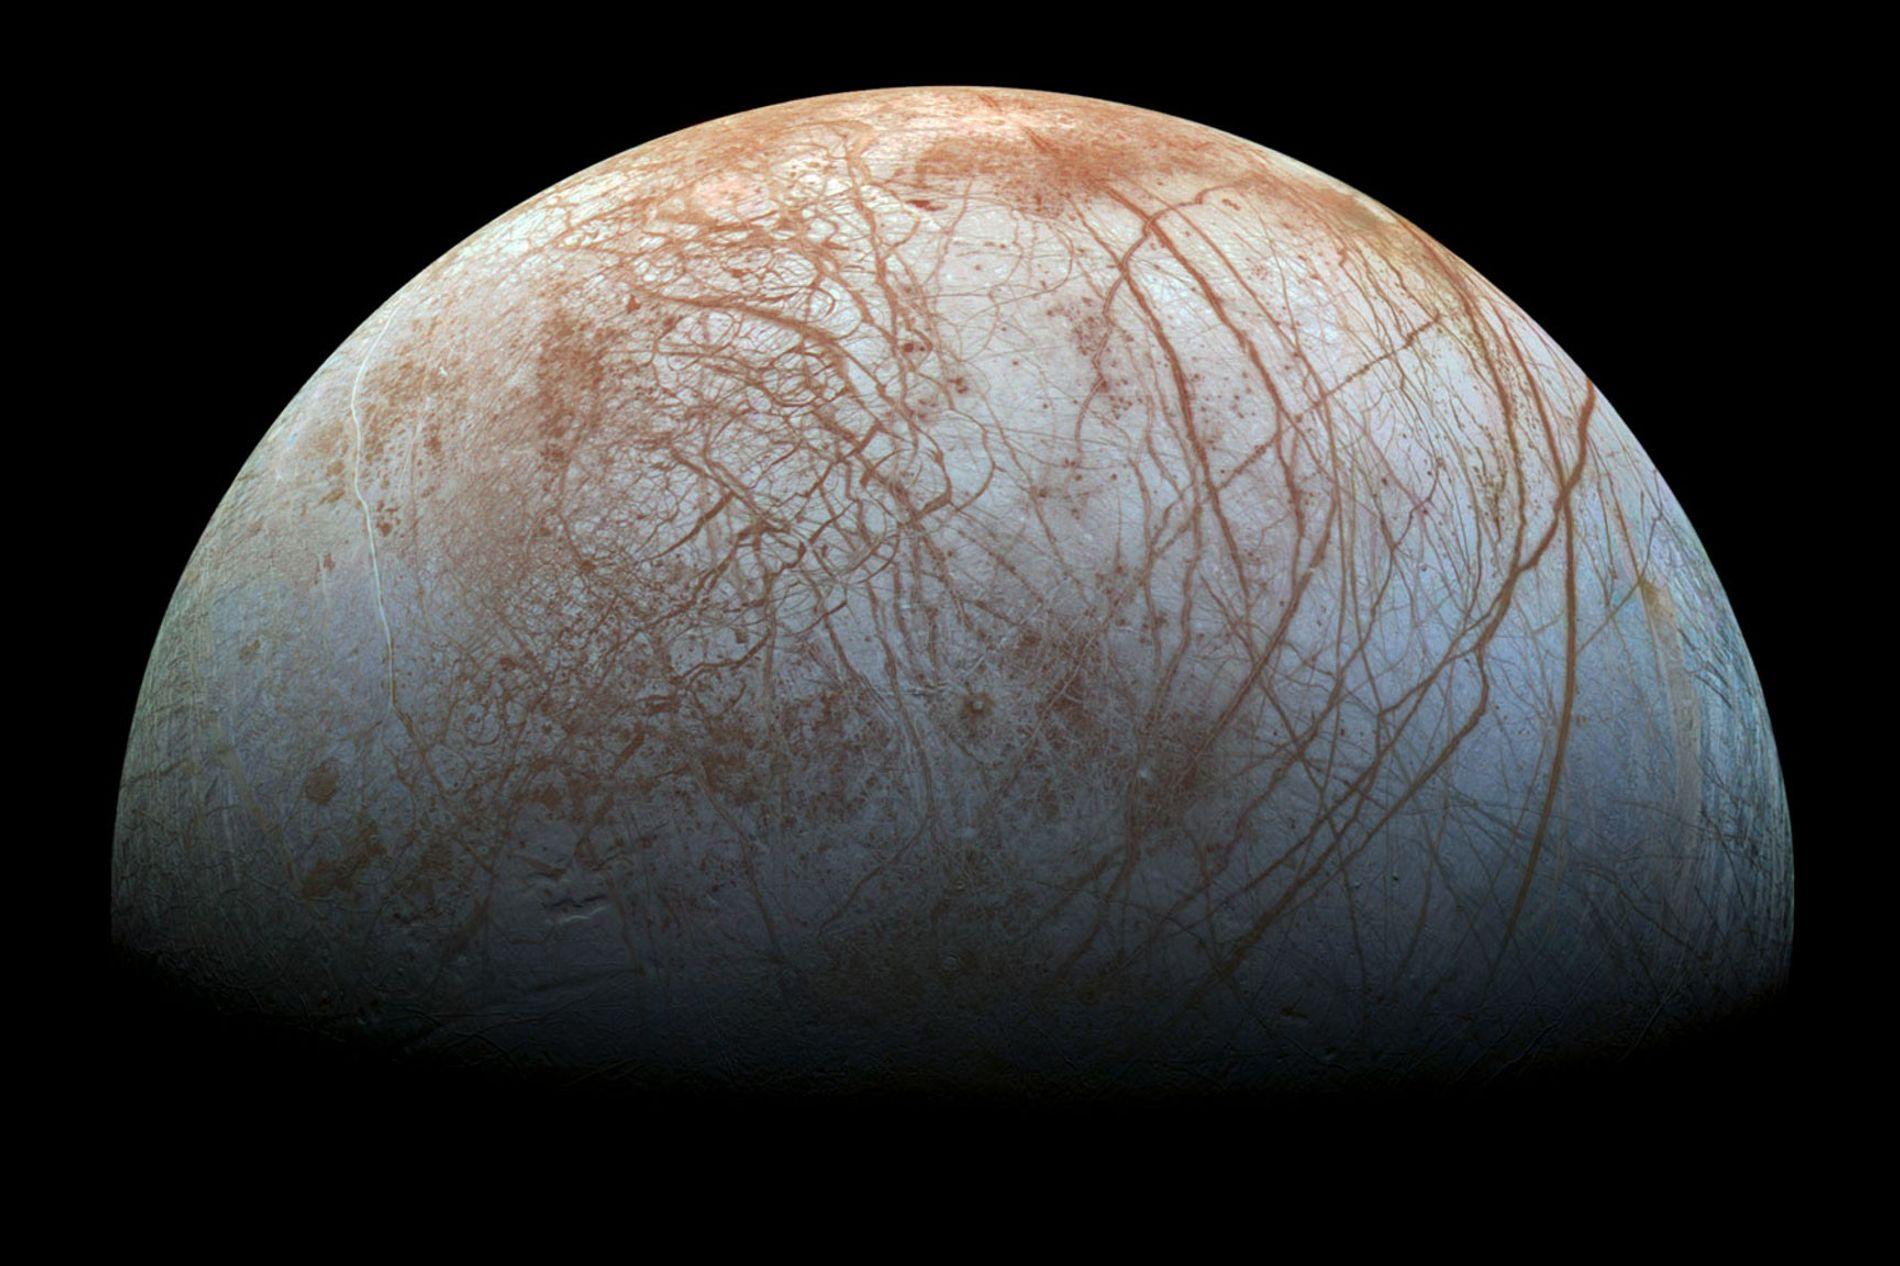 A lua Europa, de Júpiter, é coberta por uma grossa camada de gelo que, por sua vez, acredita-se, cobre um vasto oceano que seria capaz de originar vida.